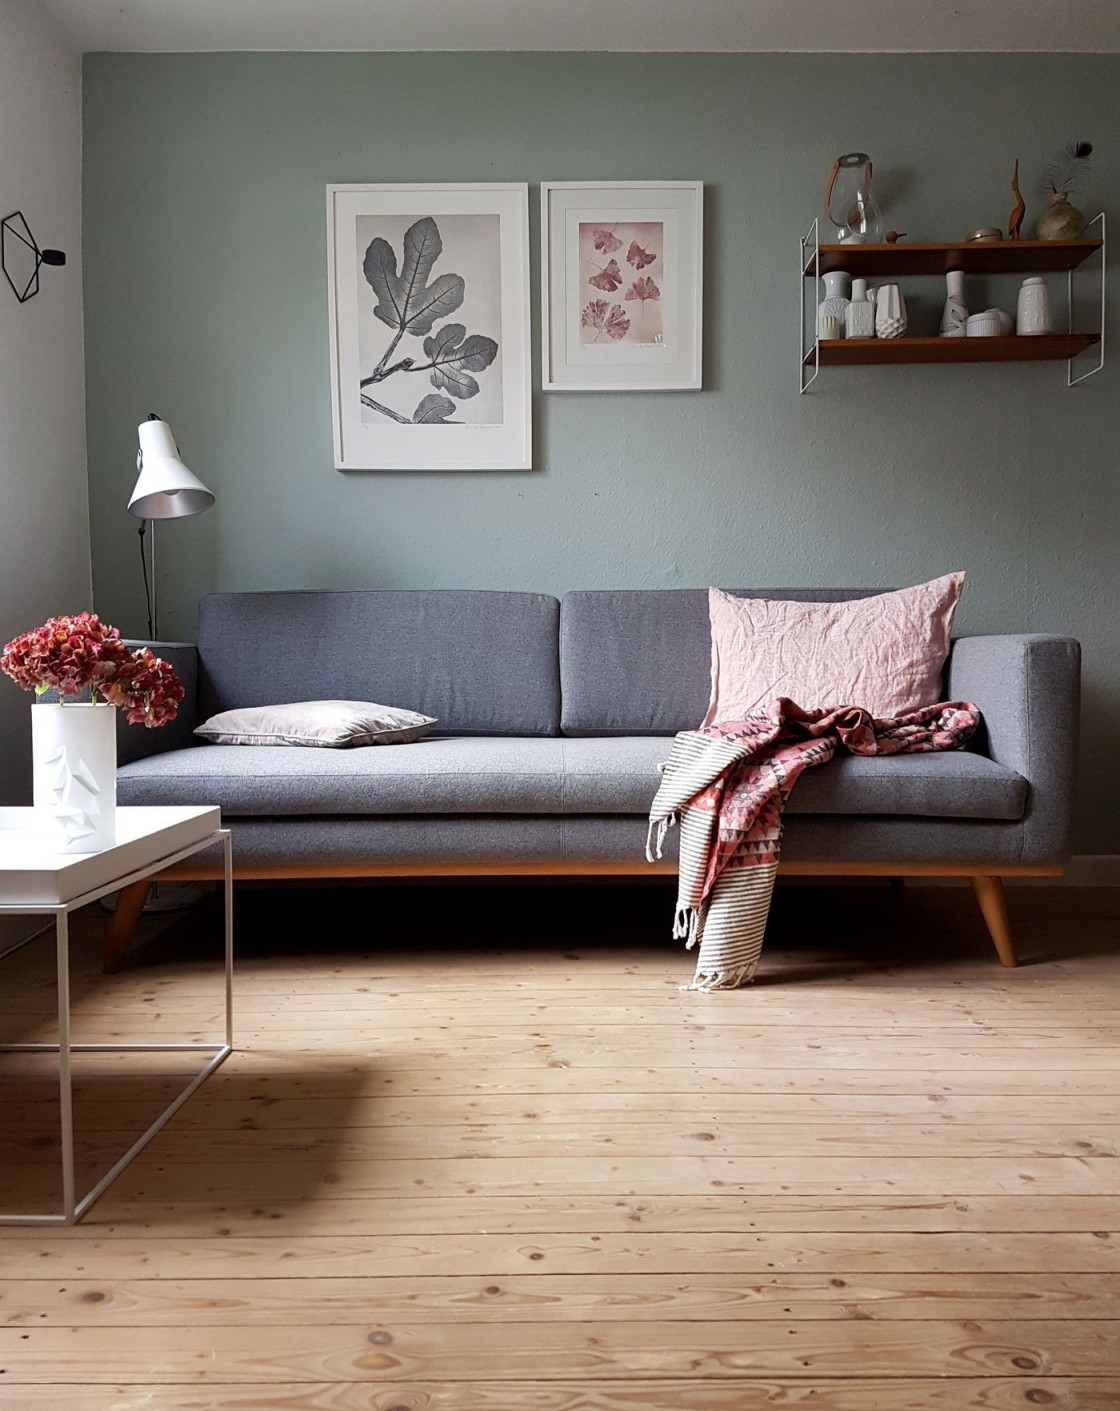 Die Schönsten Ideen Für Die Wandfarbe Im Wohnzimmer von Ideen Wandfarbe Wohnzimmer Bild